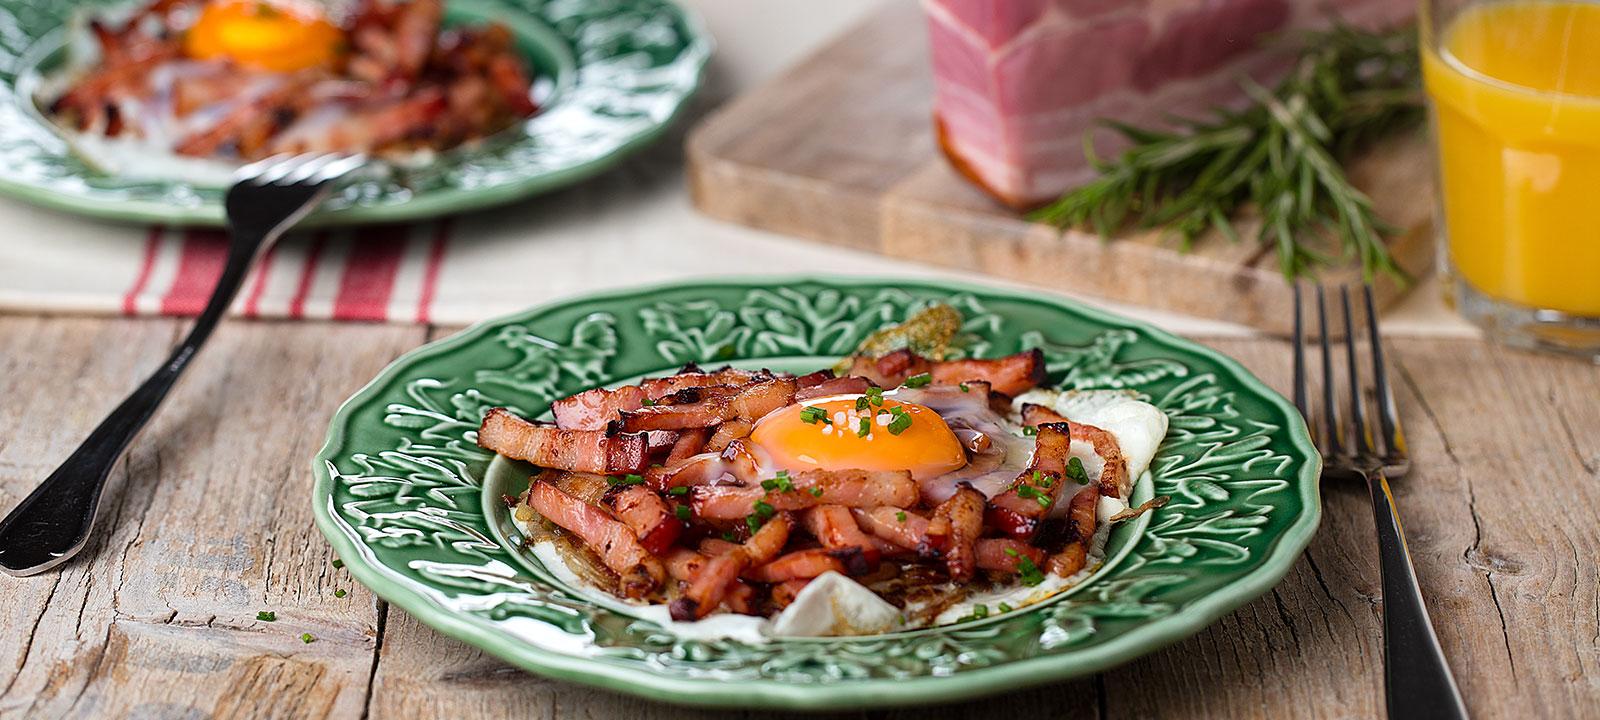 Hashbrowns com Bacon e Ovo